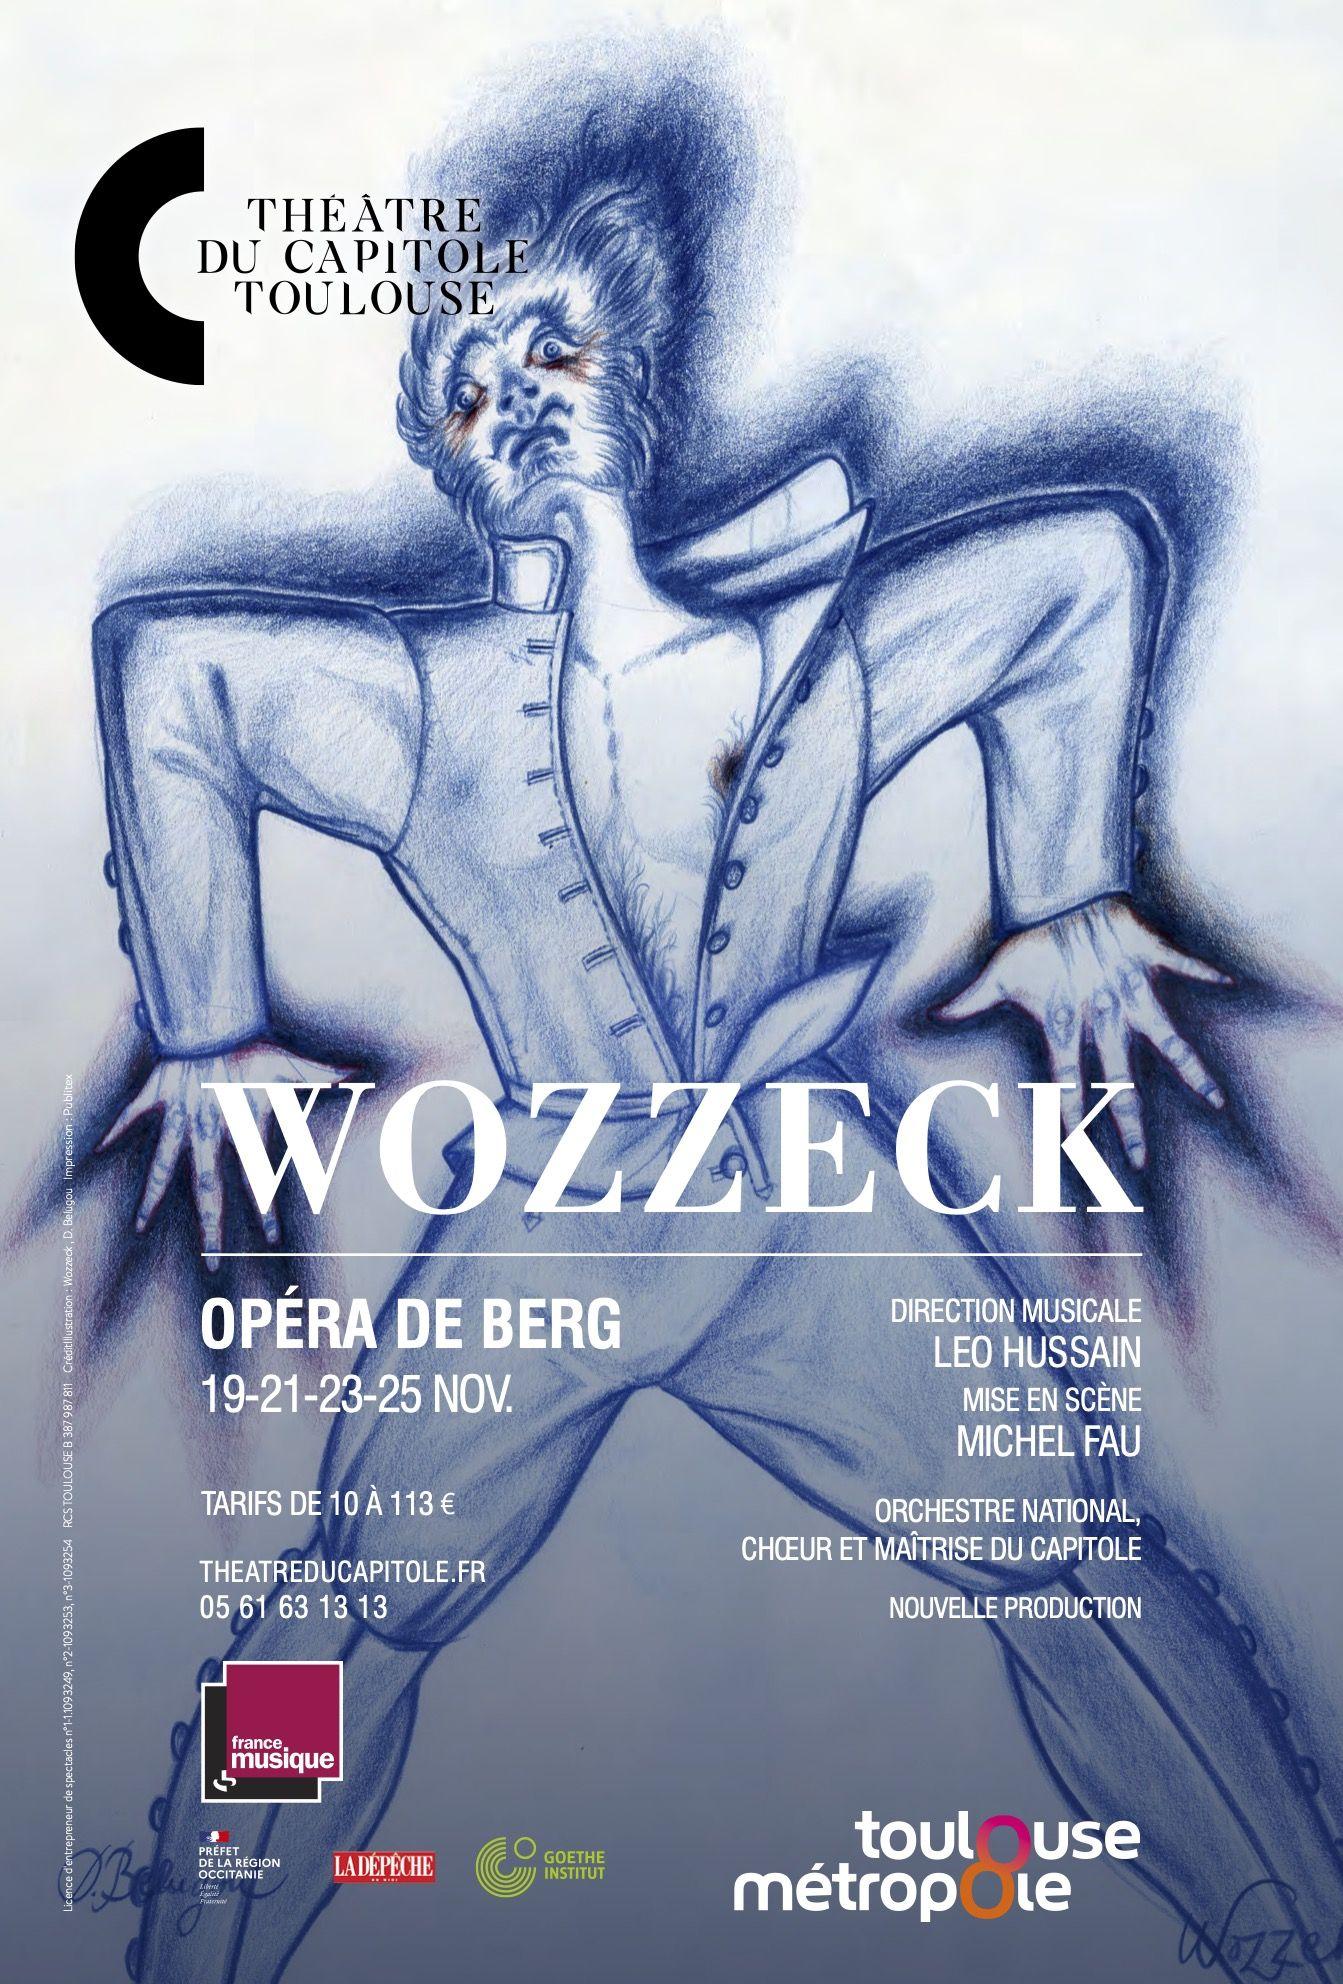 Théâtre du Capitole - Wozzeck